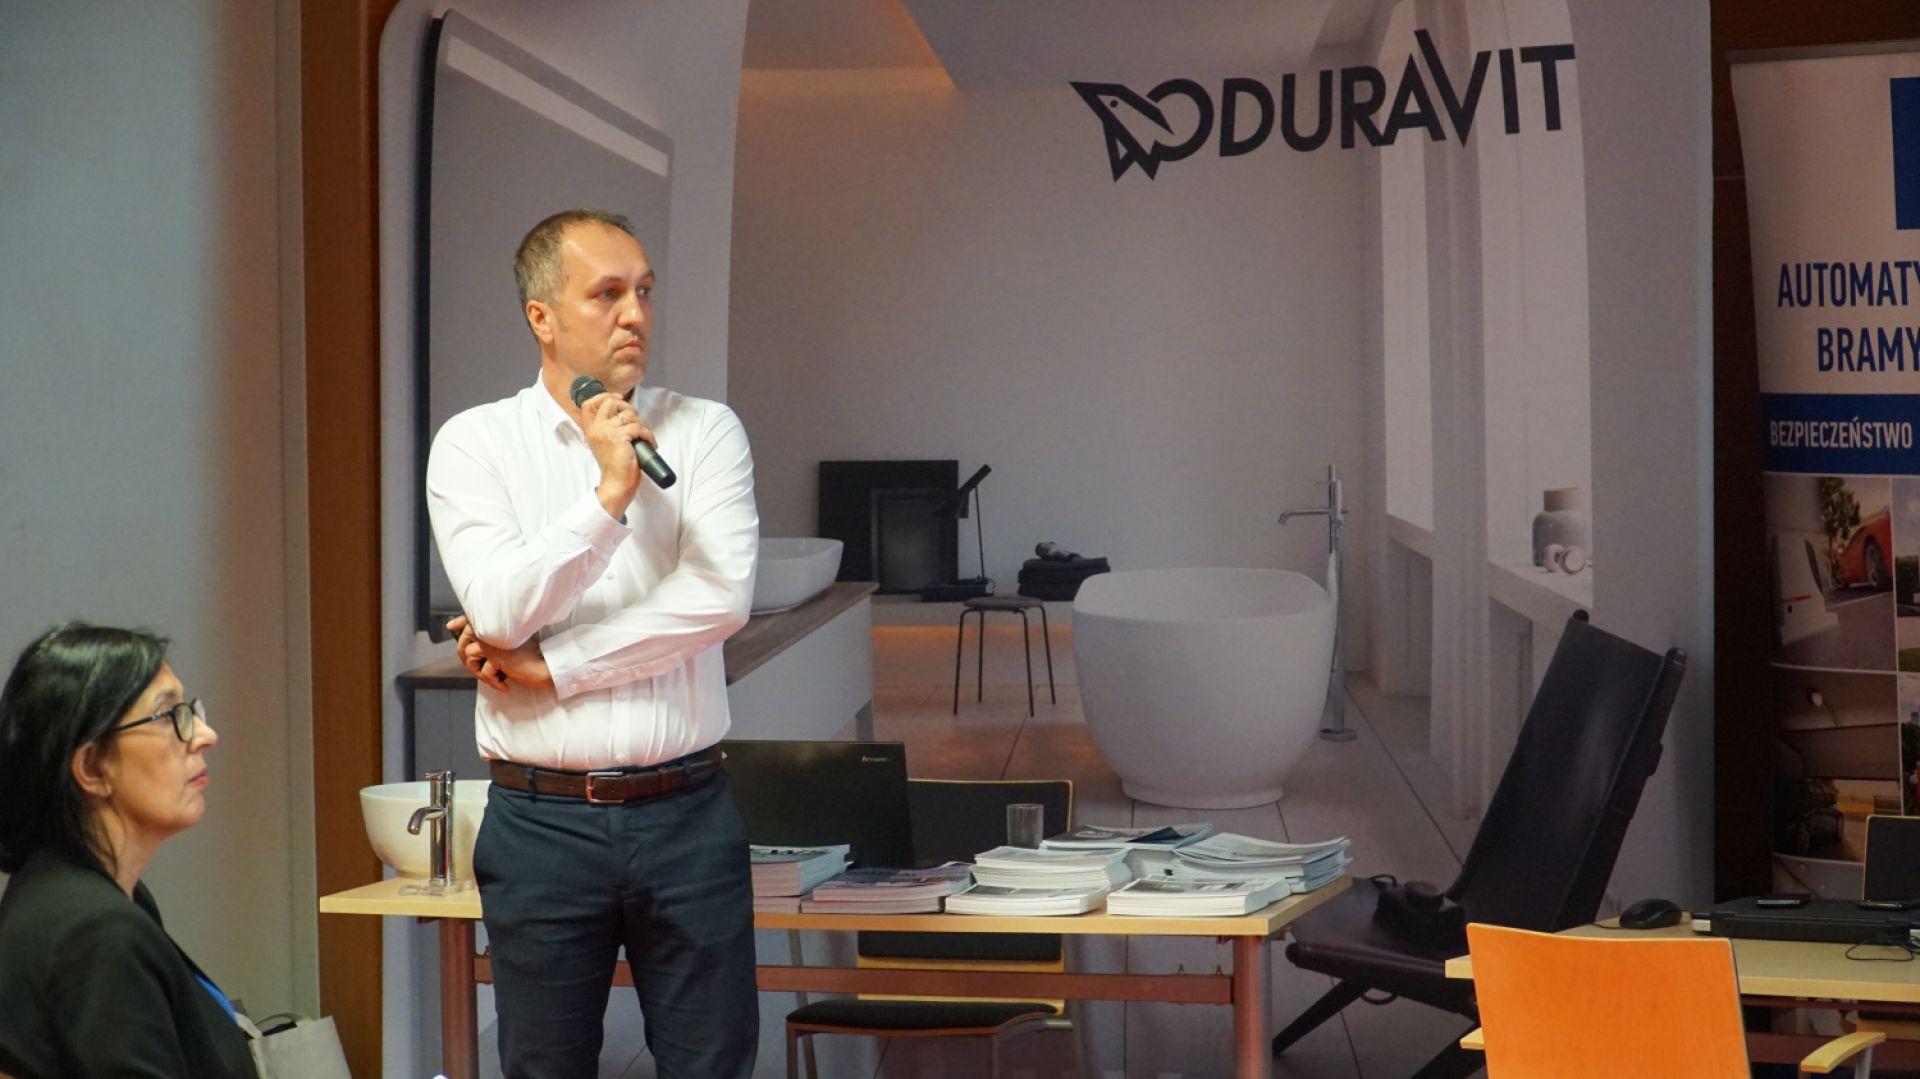 Wystąpienie Tomasza Maślanki z firmy Duravit